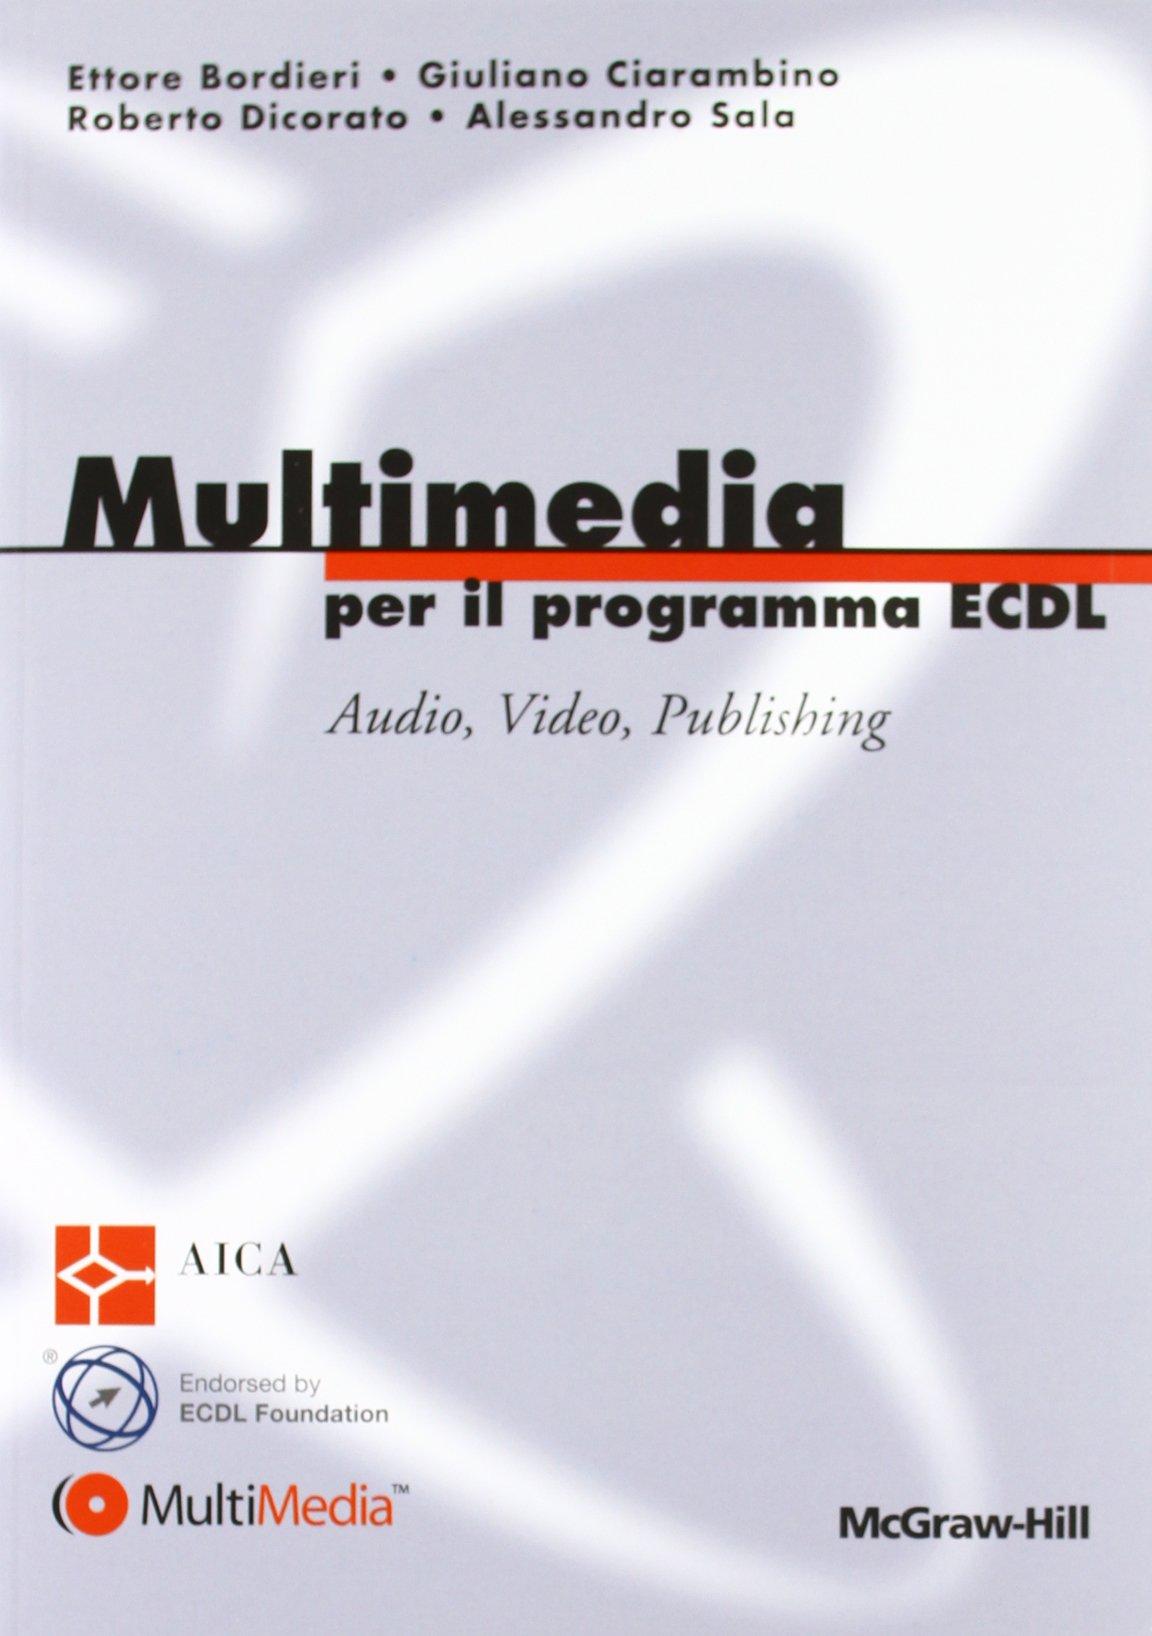 Multimedia per il programma ECDL Copertina flessibile – 1 gen 2012 Ettore Bordieri Giuliano Ciarambino Roberto Dicorato Alessandro Sala